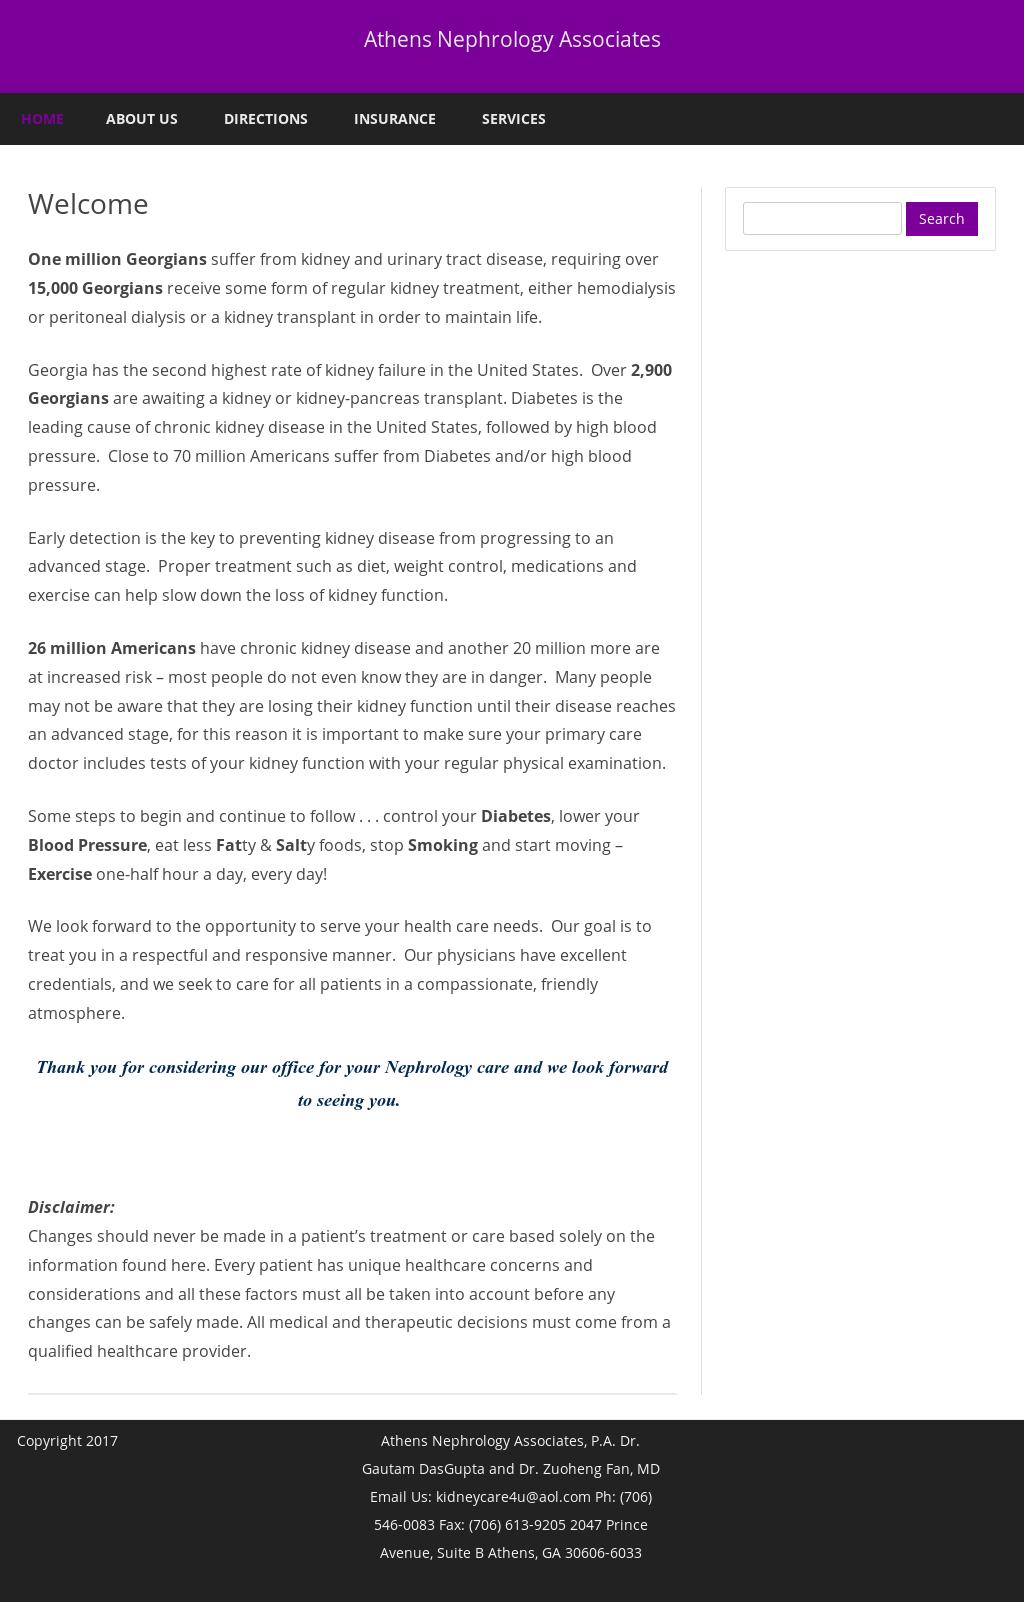 Athens Nephrology Associates, Pc Competitors, Revenue and